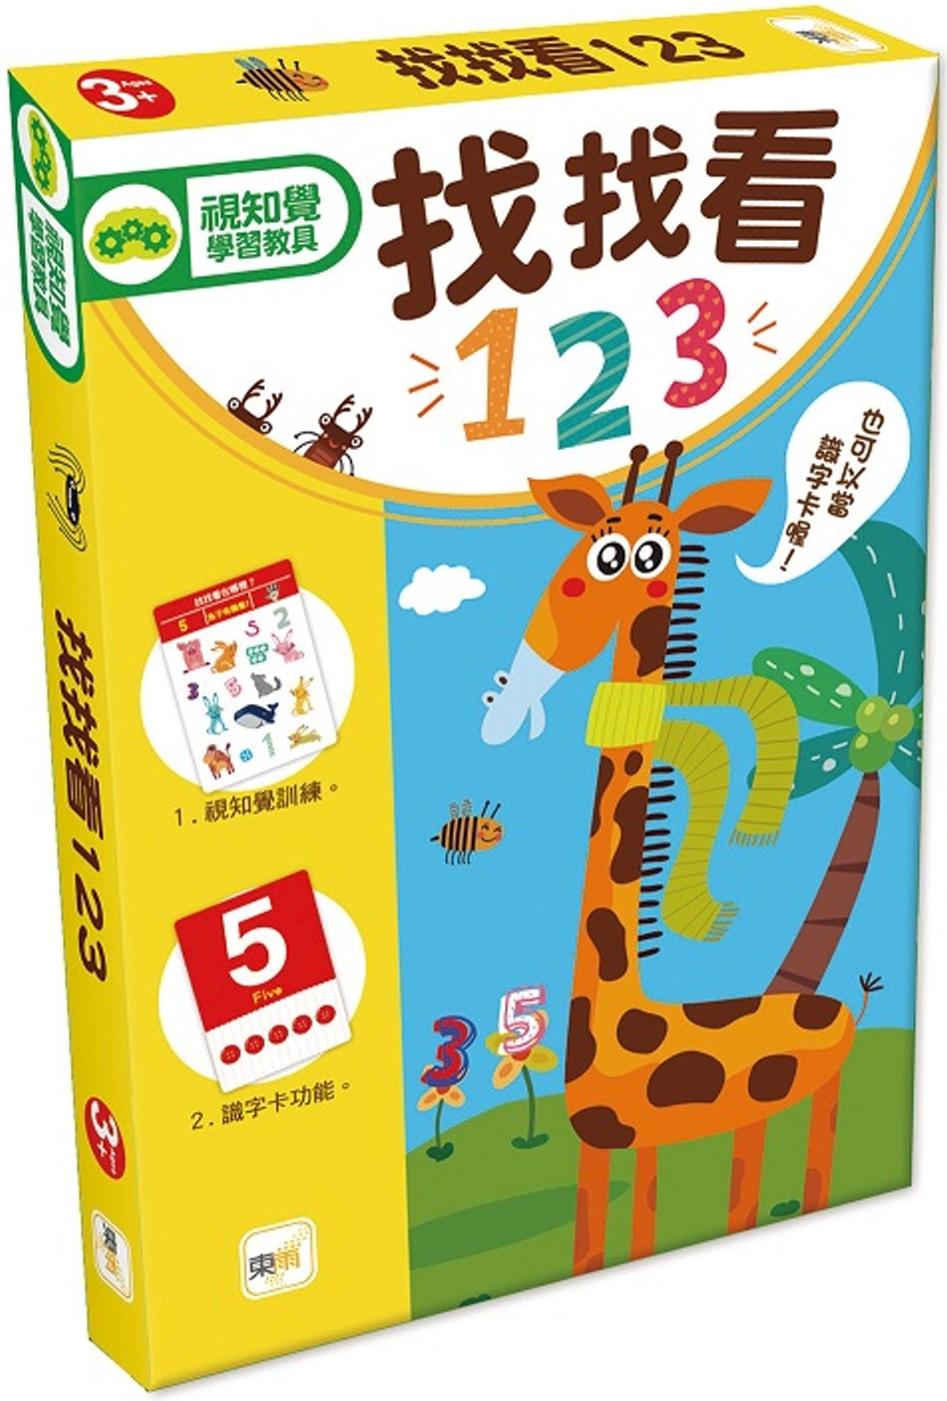 兒童益智教具 找找看123 (附加識字卡功能)